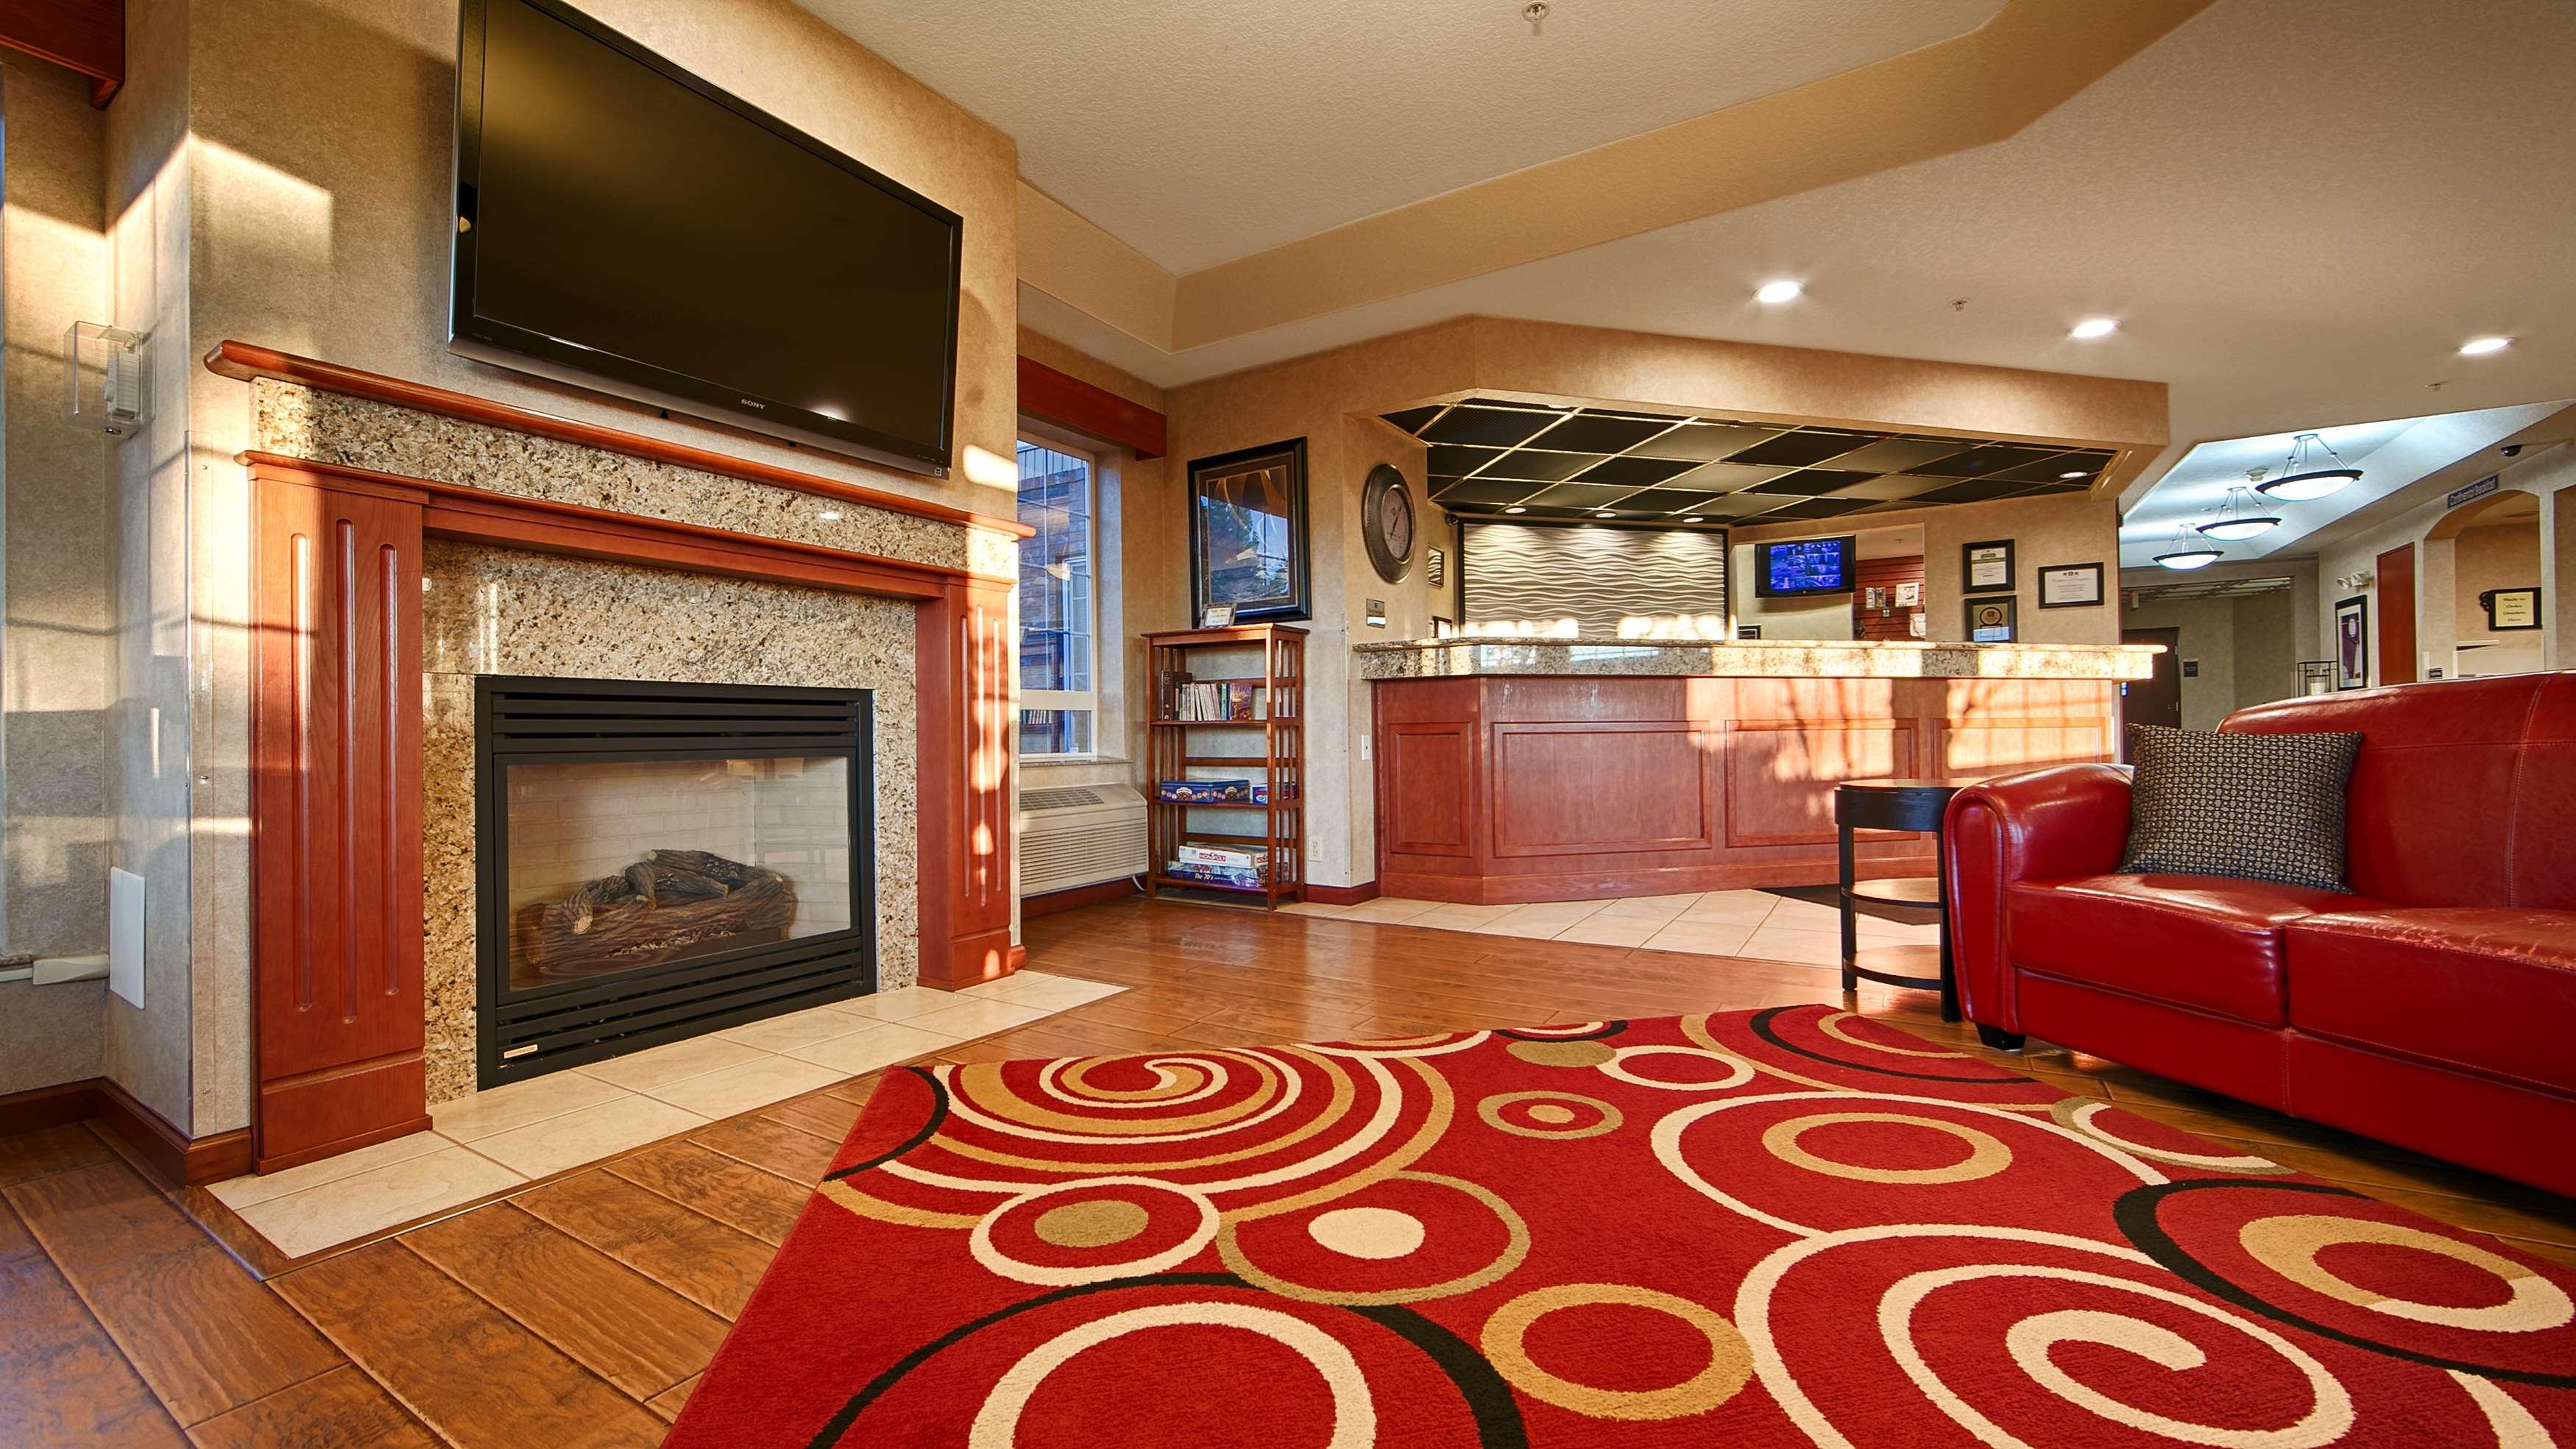 Best Western Plus Park Place Inn & Suites image 0